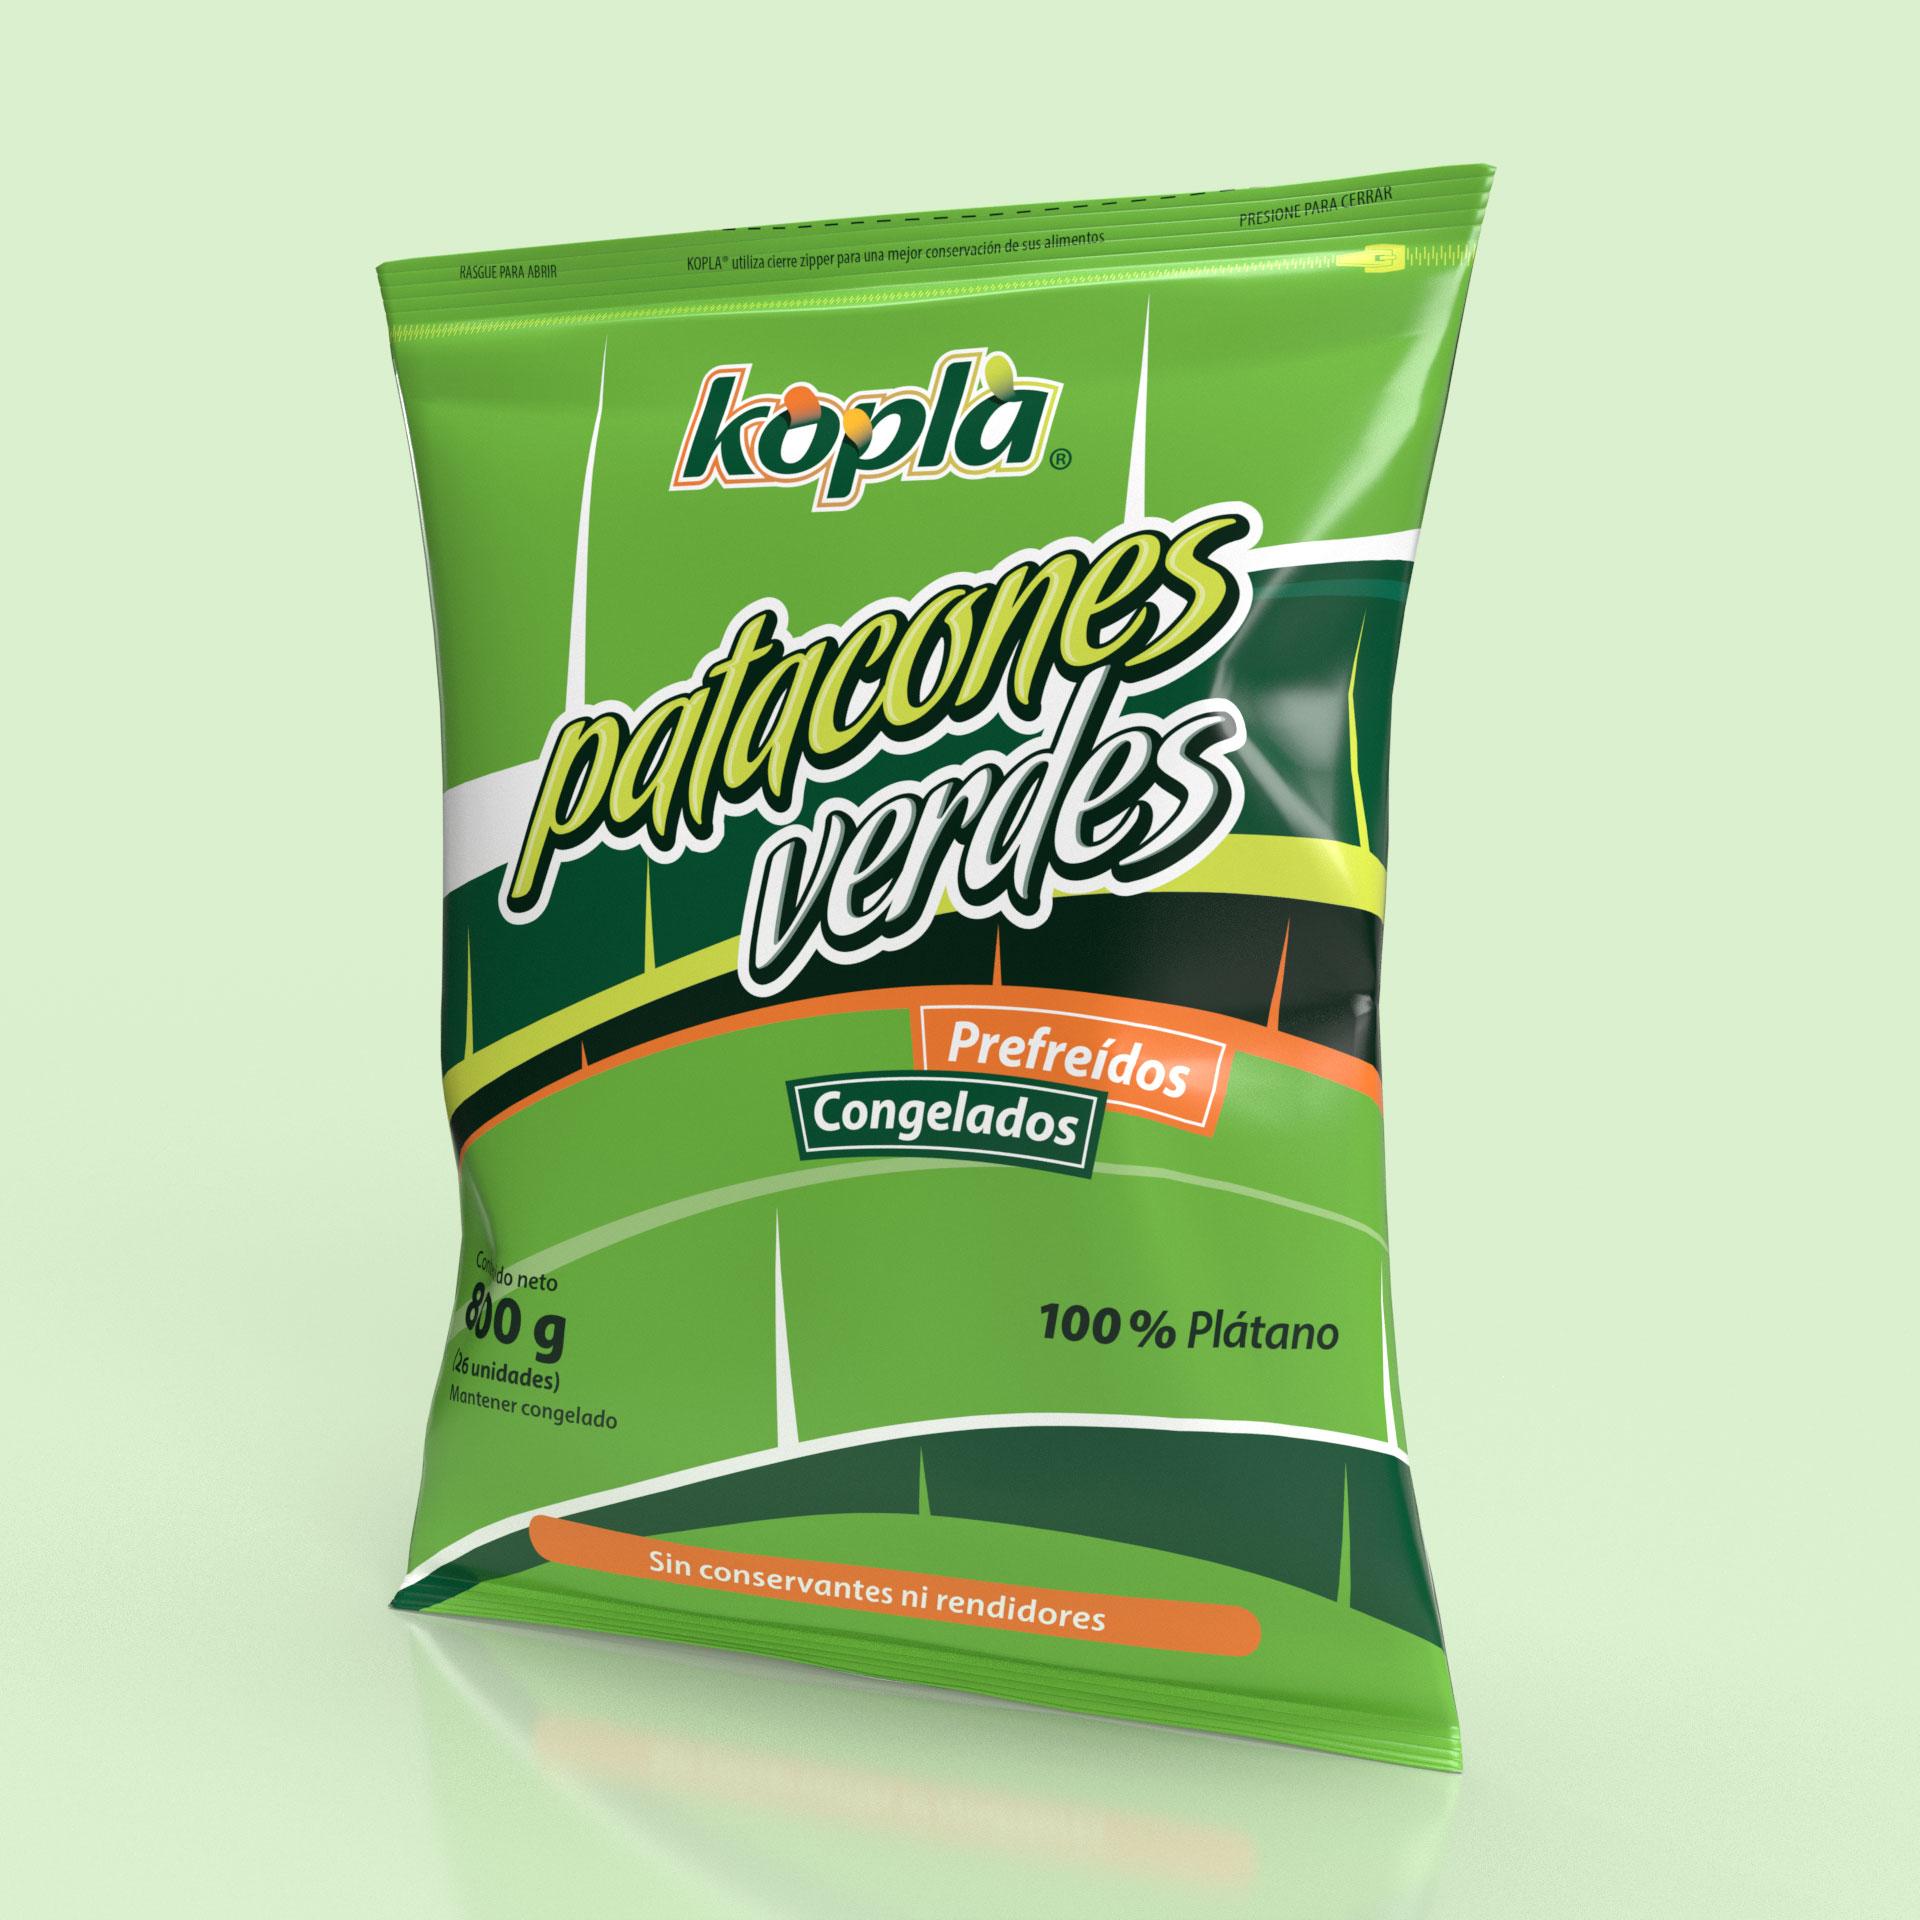 Empaque Patacones de Plátano Verde Precocidos Congelados Productos Kopla